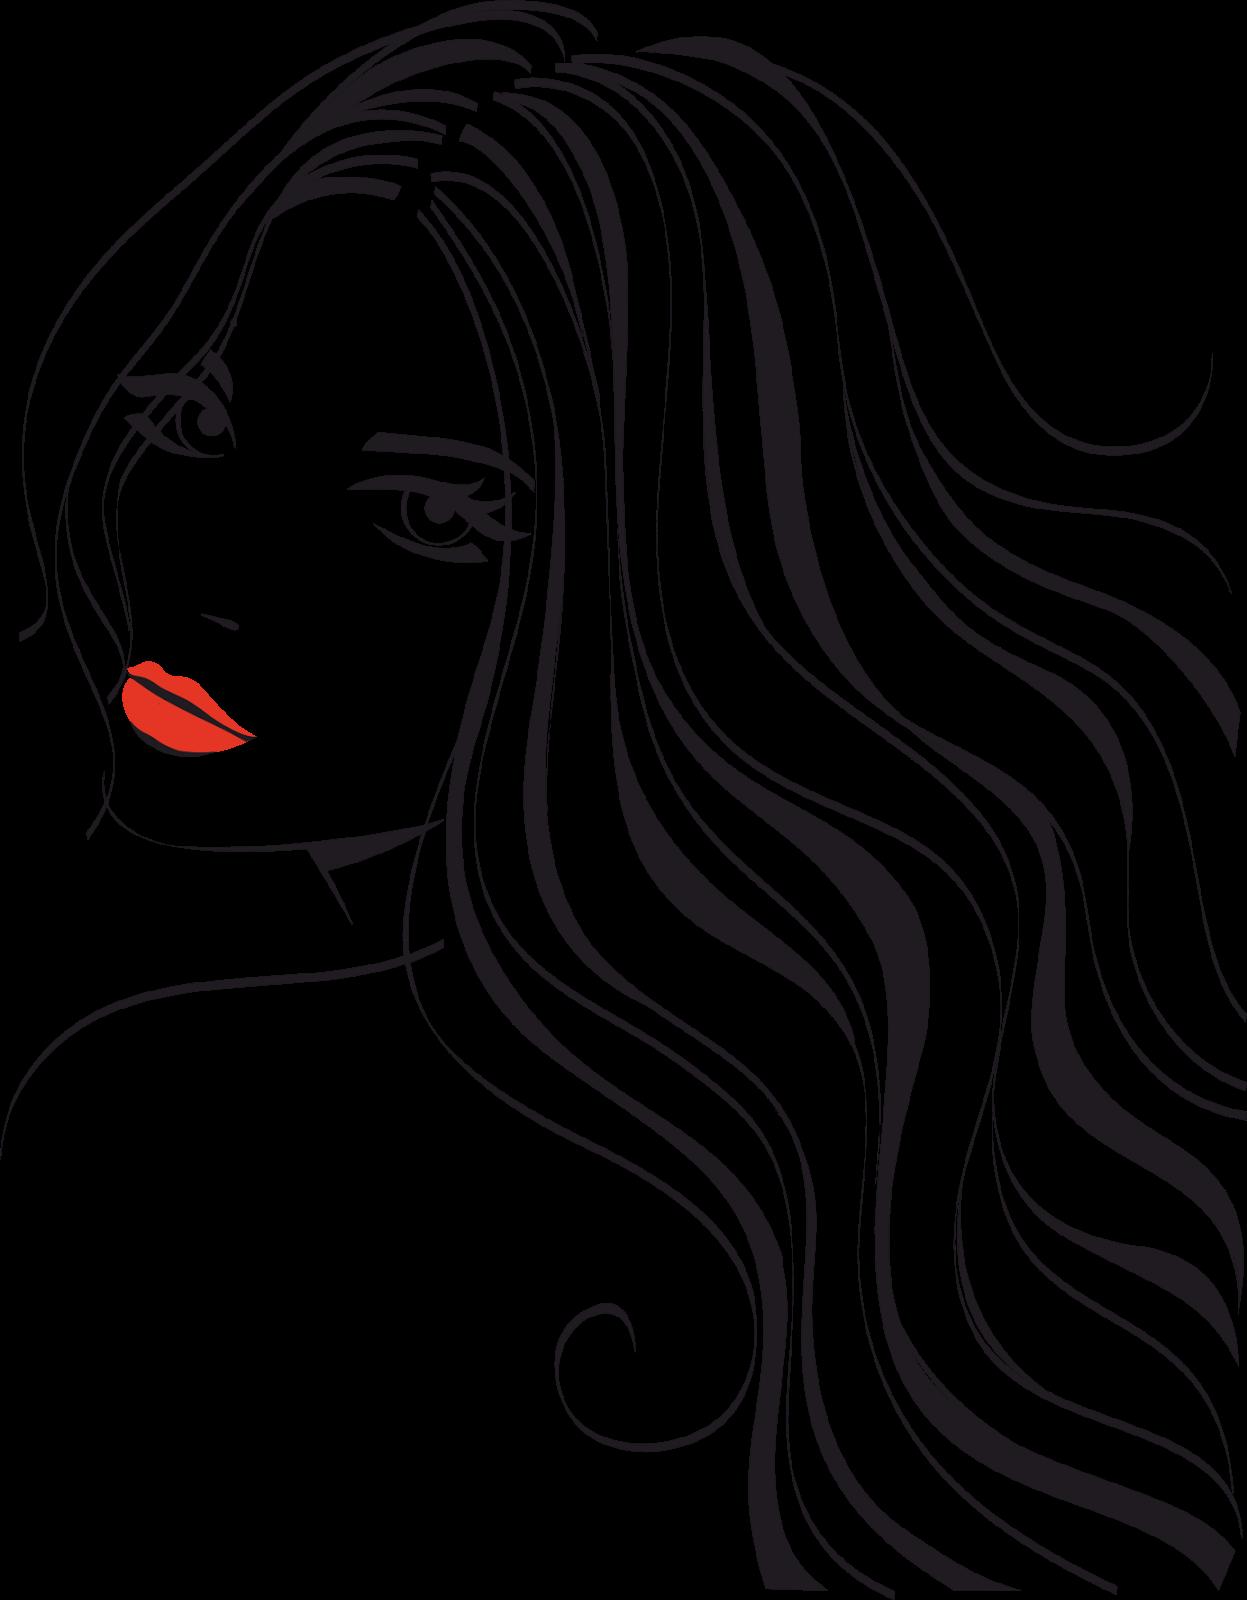 Рисунок девушка с прической